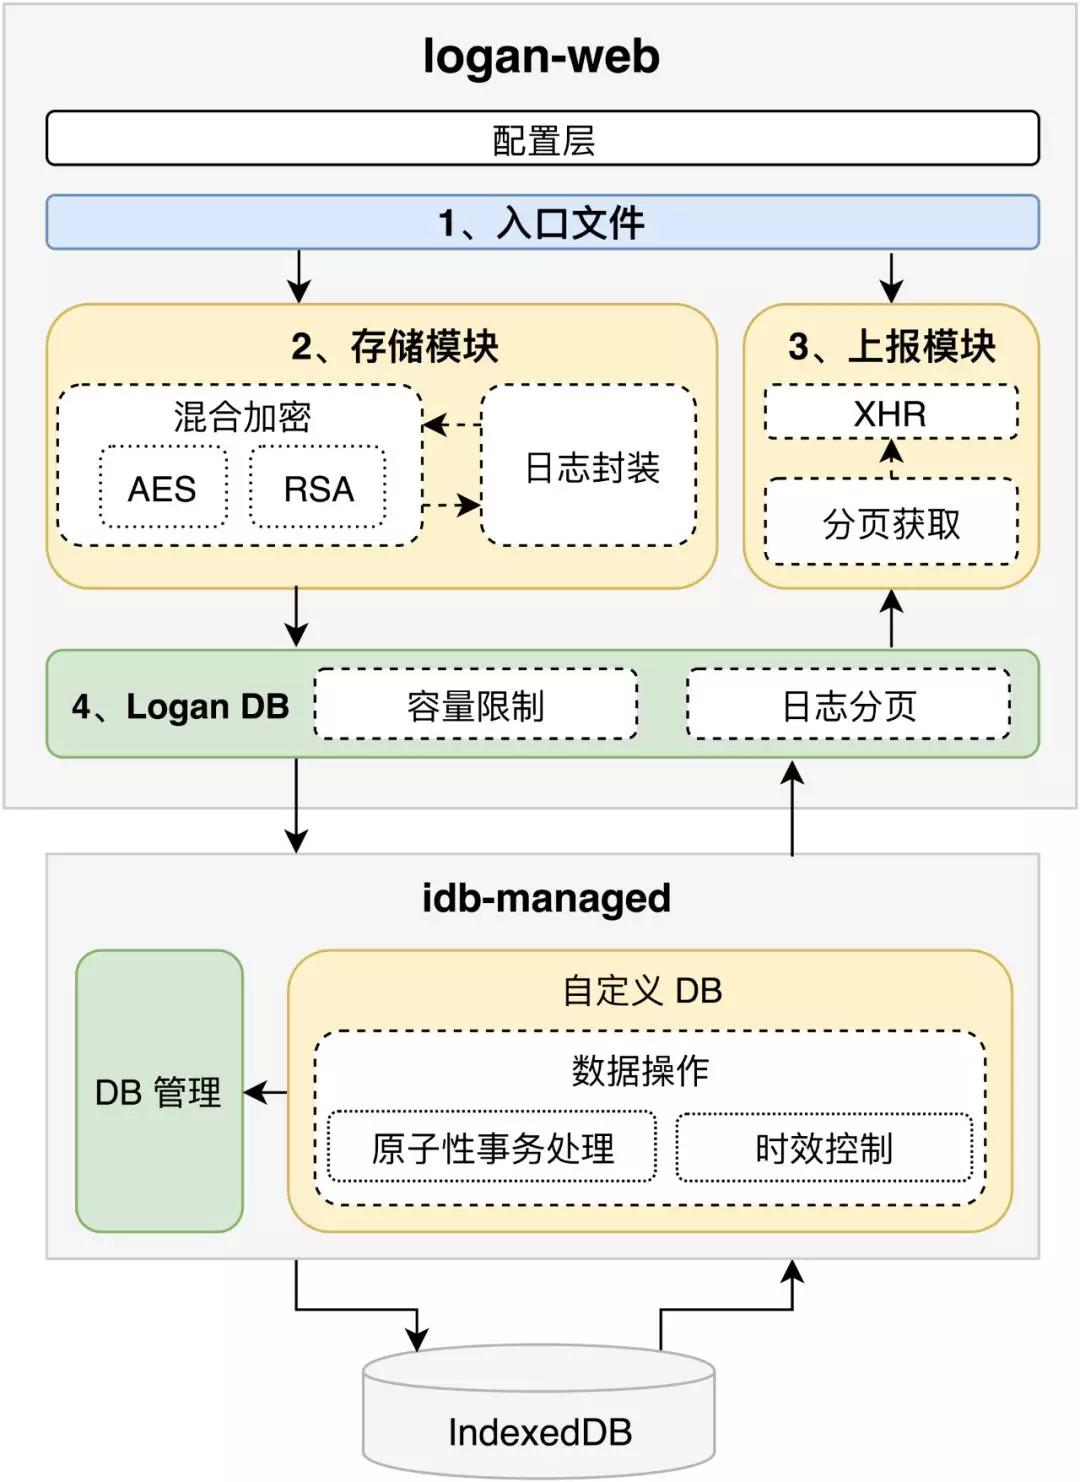 美团开源Logan Web:前端日志在Web端的实现